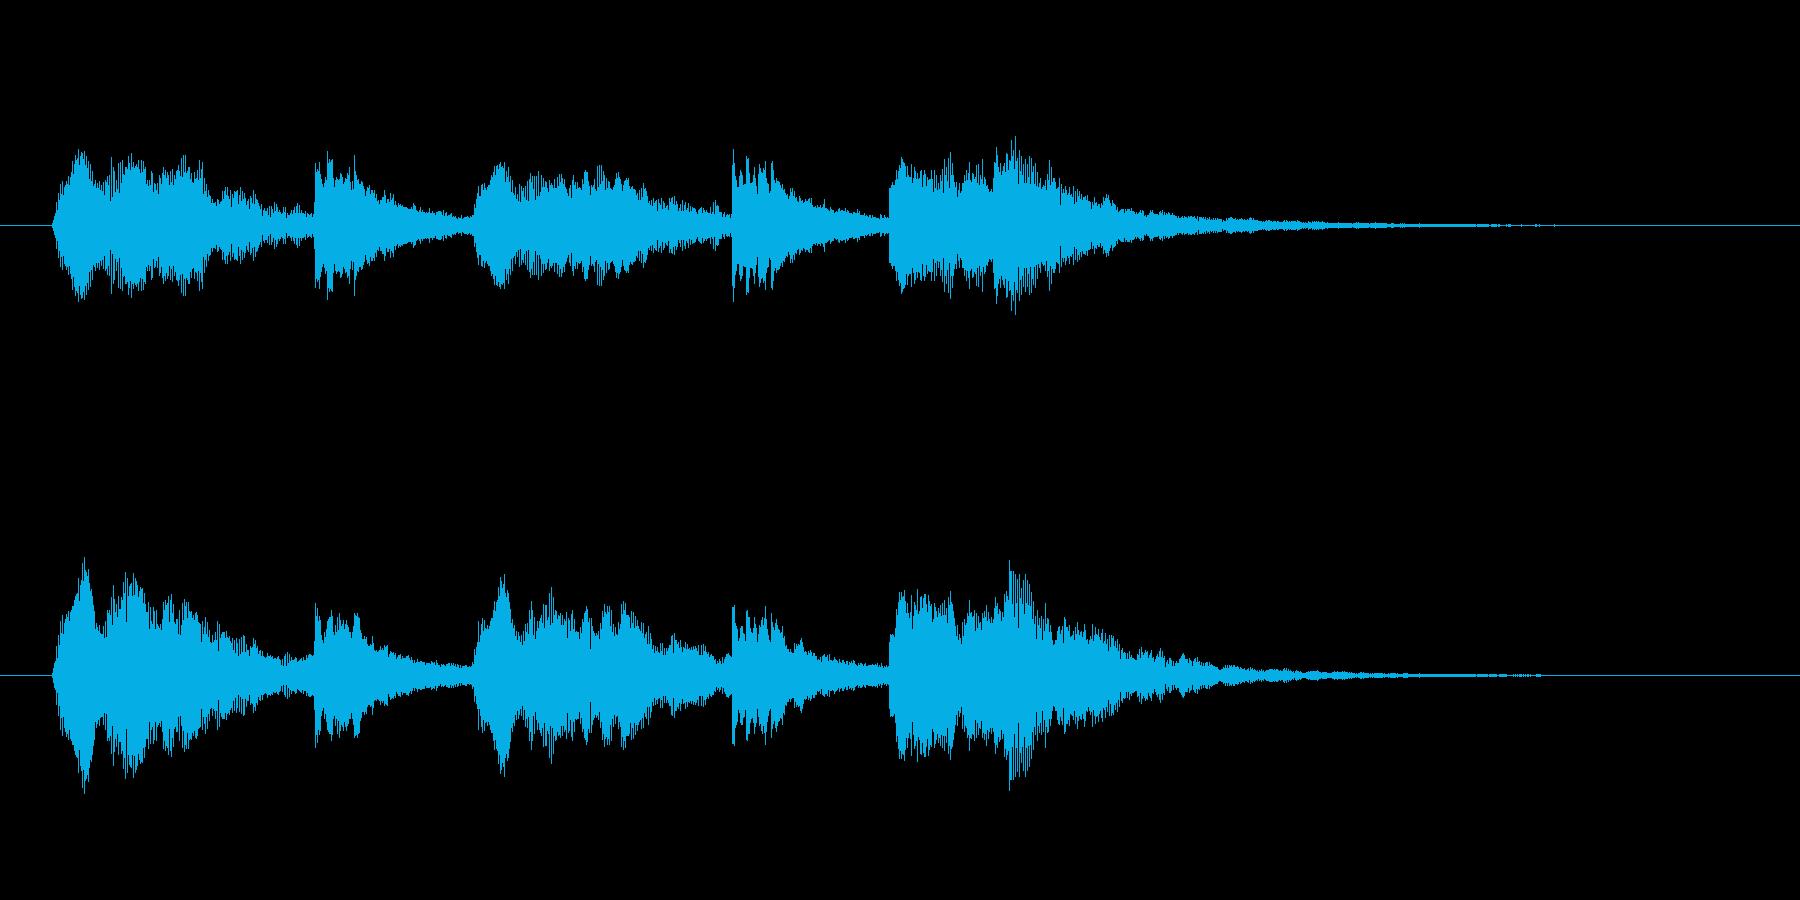 コーラスと鉄琴のアンサンブルの再生済みの波形